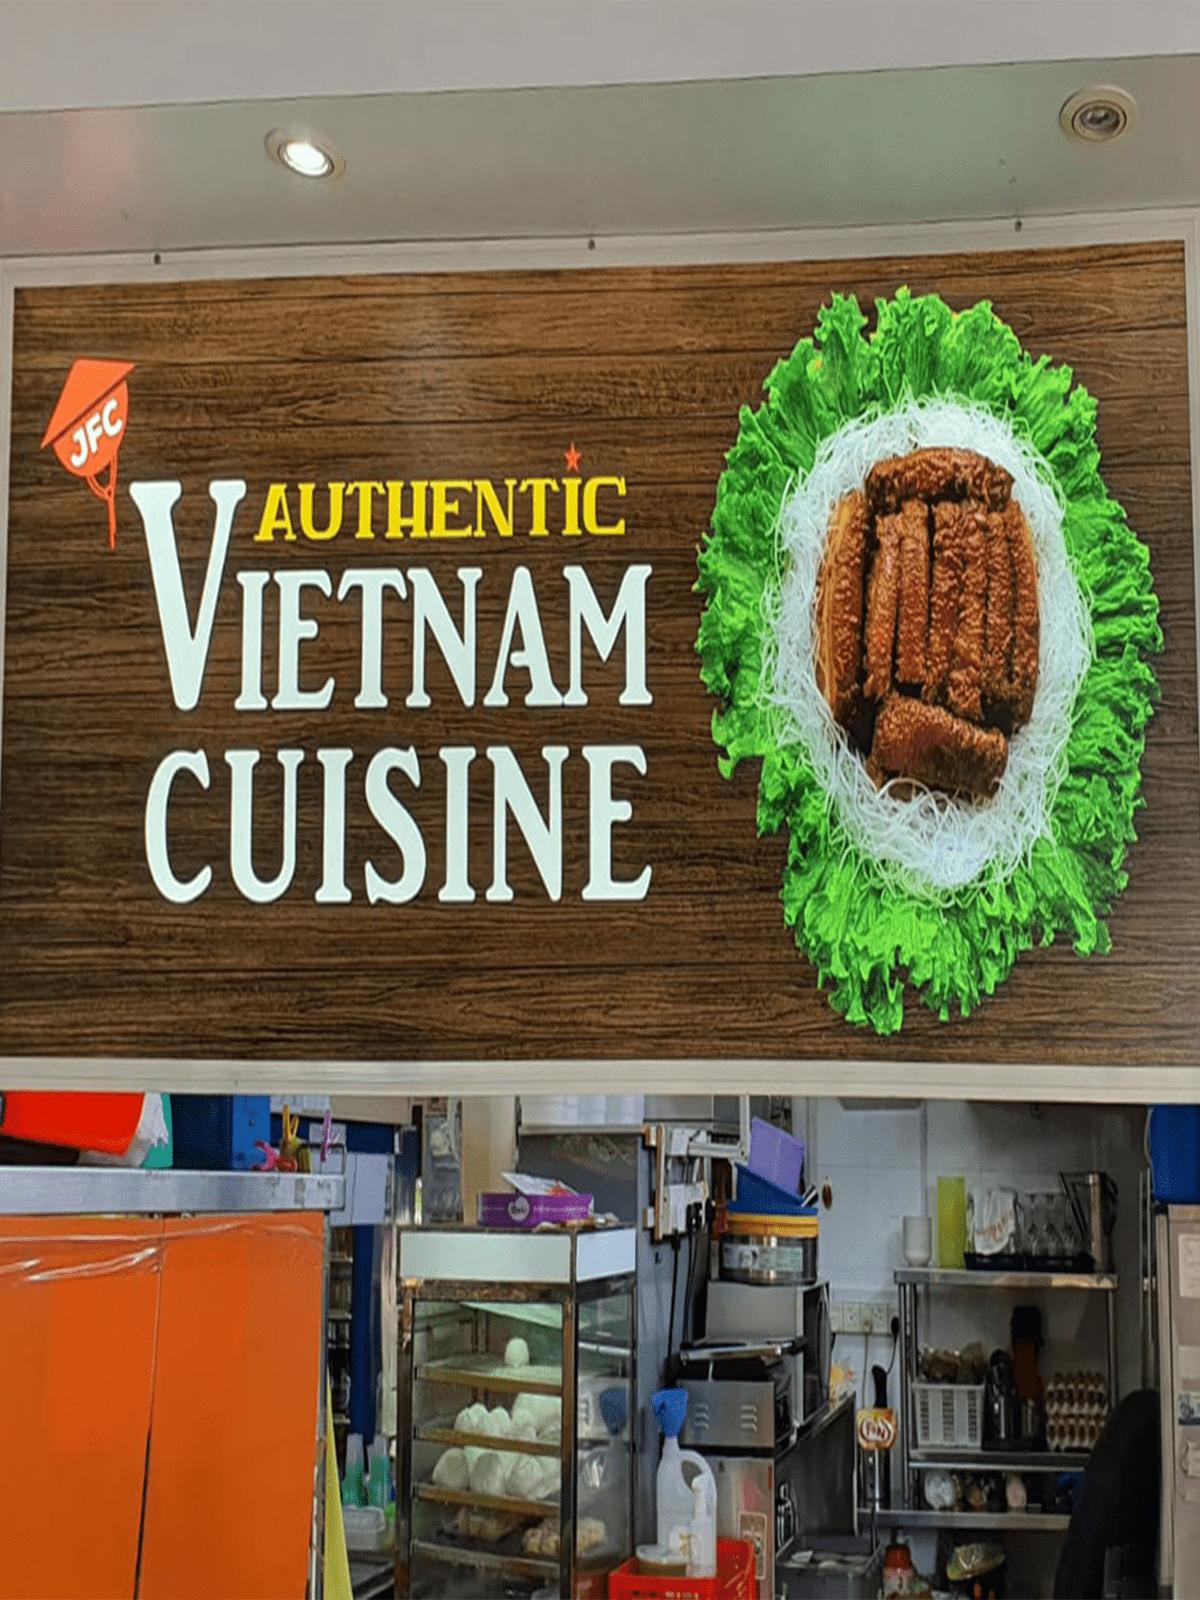 jfc authentic vietnam cuisine